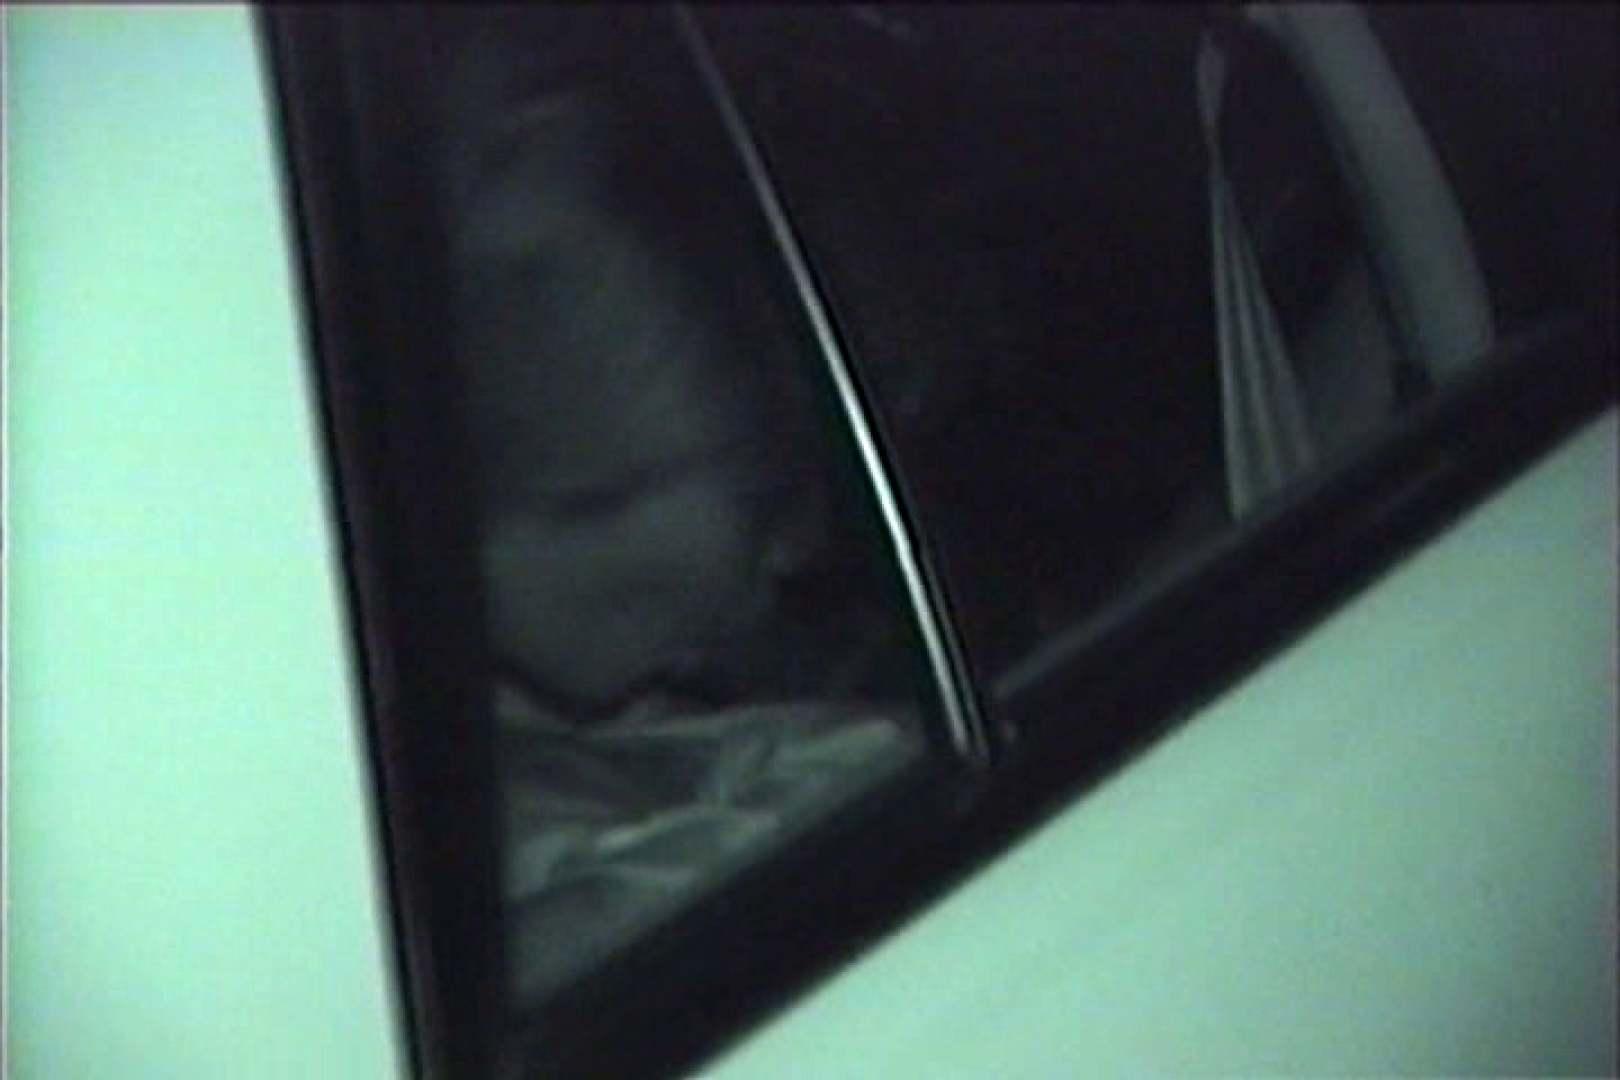 車の中はラブホテル 無修正版  Vol.18 ホテル隠し撮り オマンコ動画キャプチャ 100pic 33